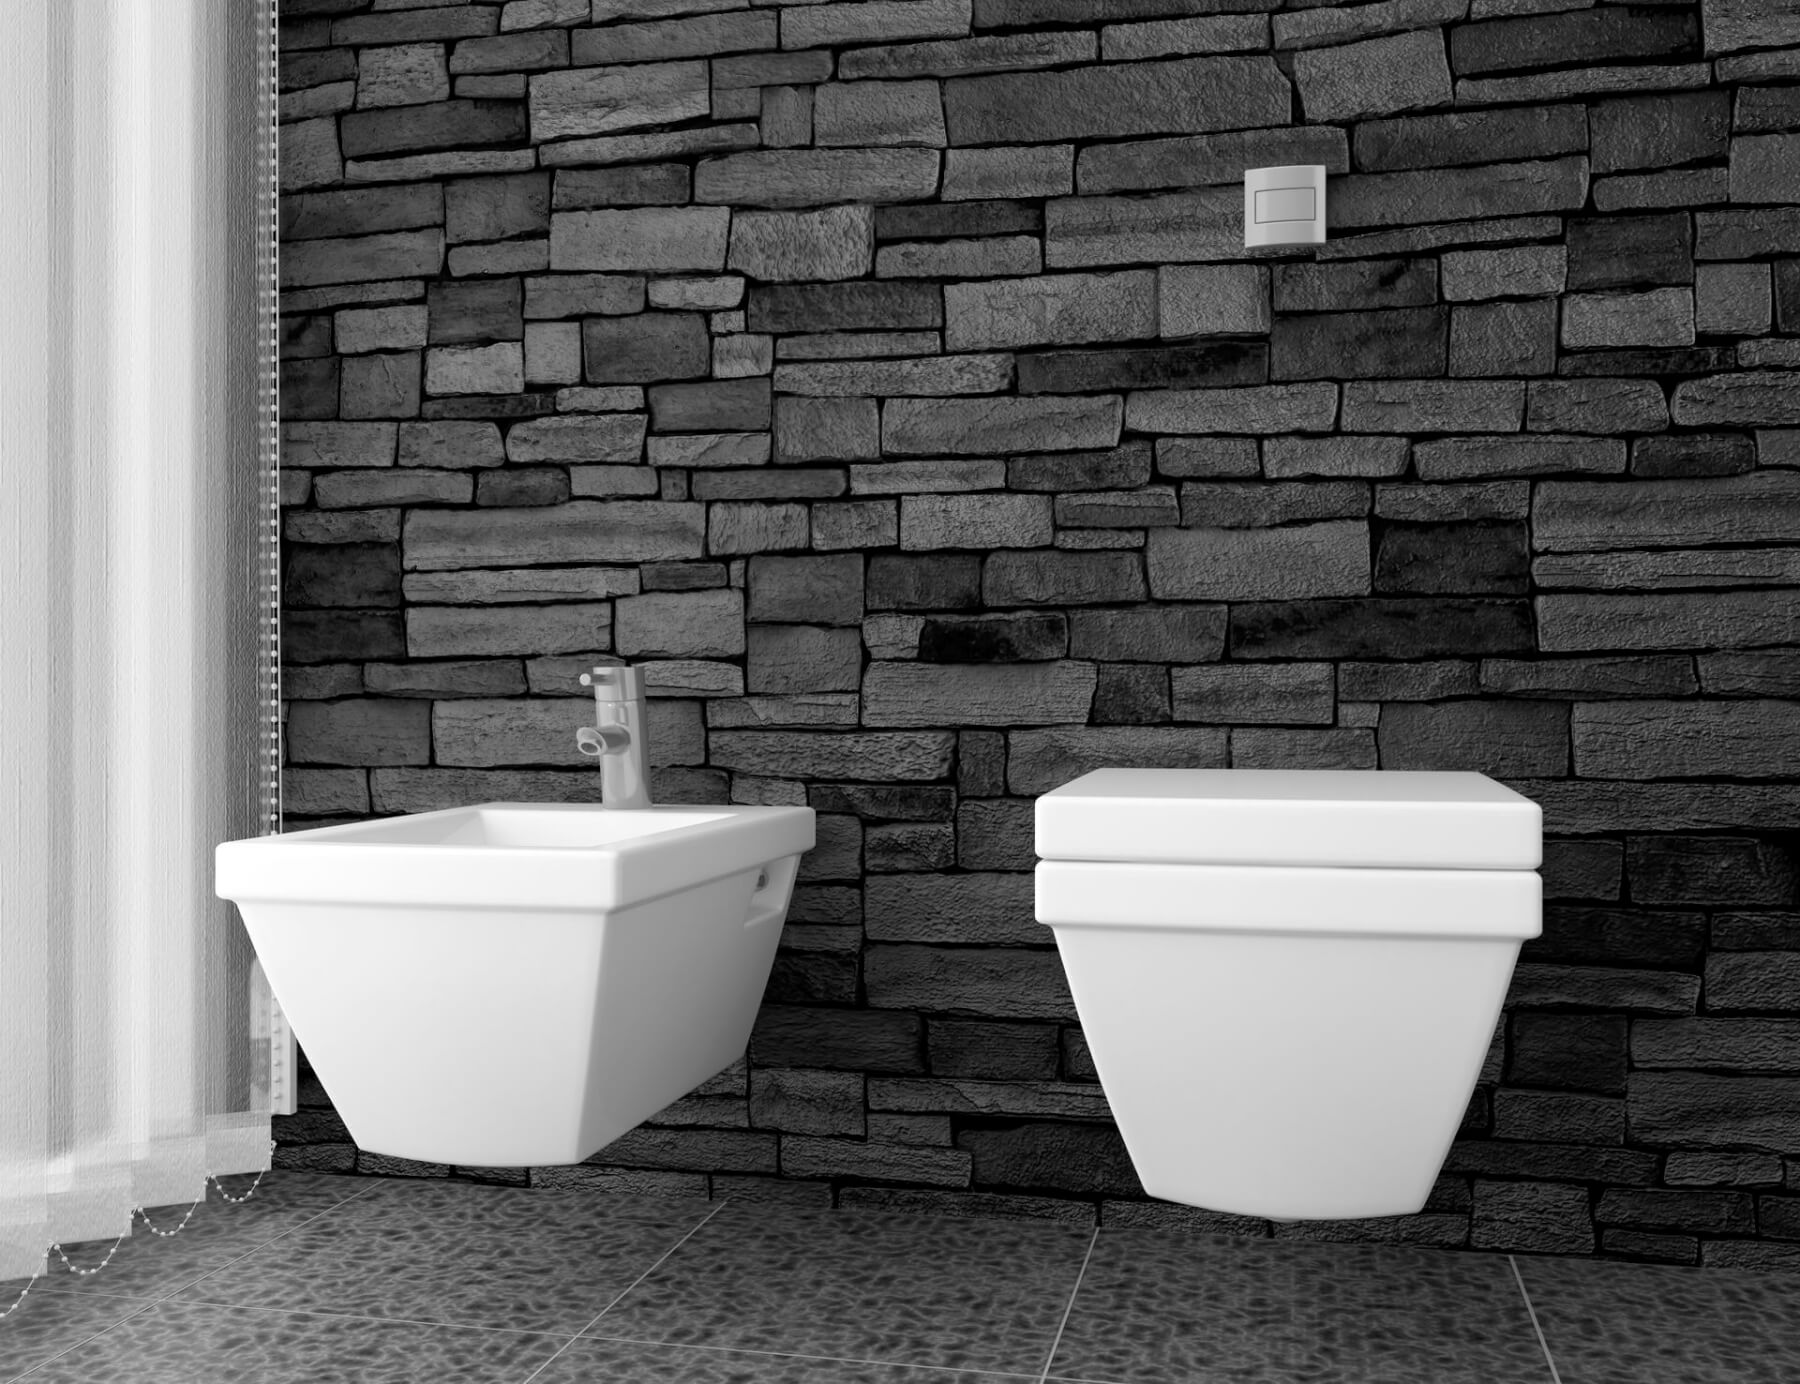 I sanitari del bagno in stile retr artebagno - Come sbiancare i sanitari del bagno ...